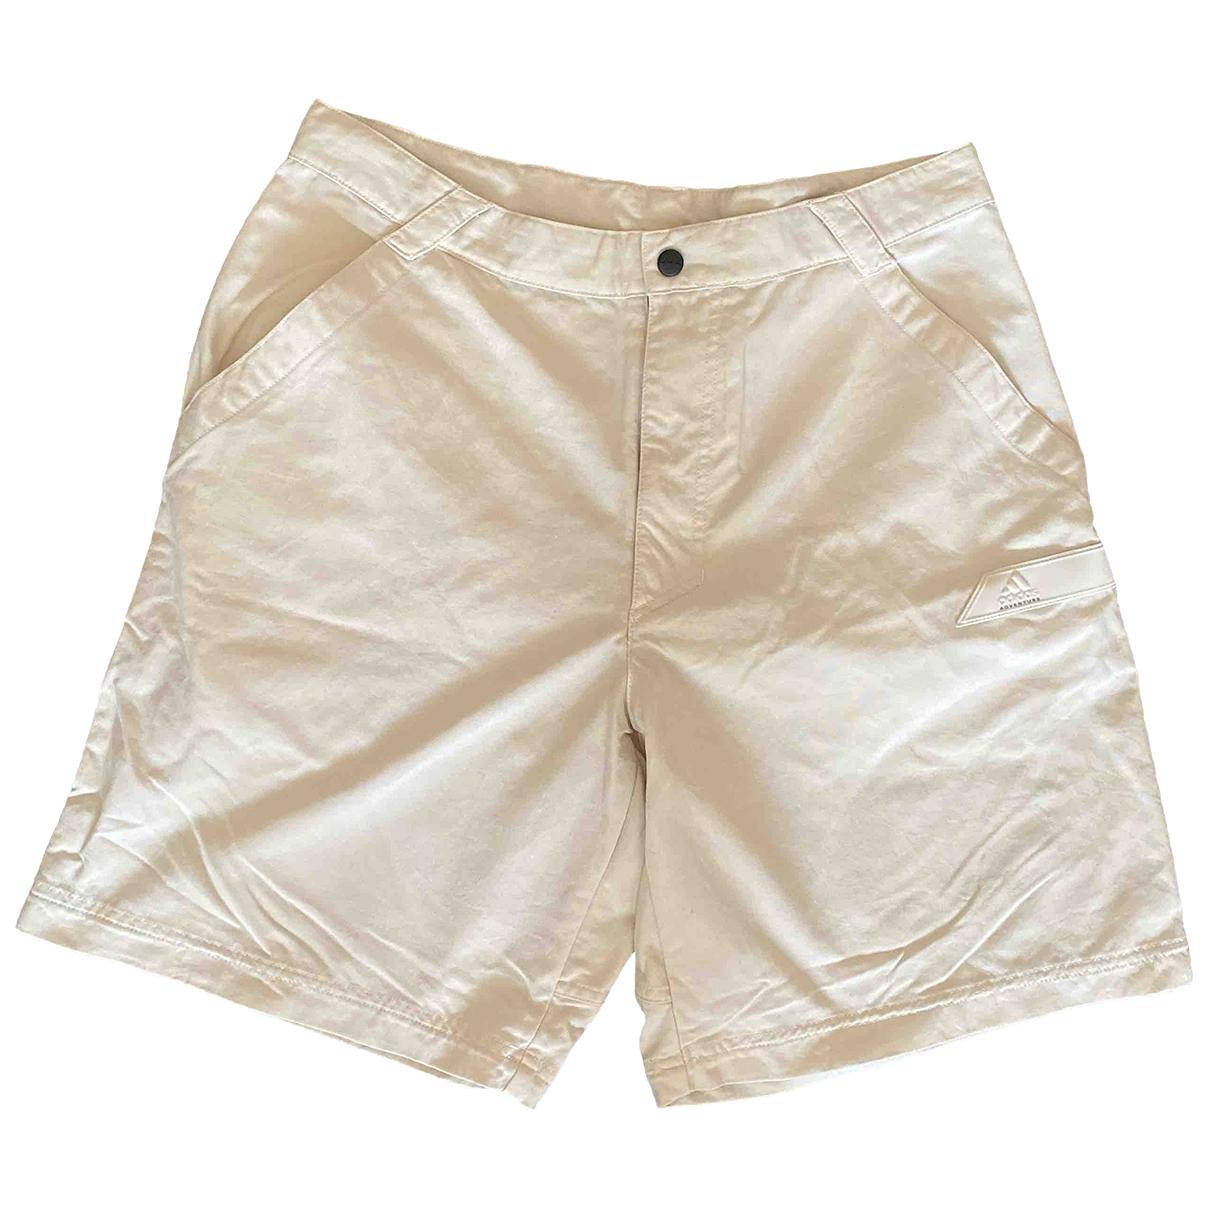 Adidas - Short   pour homme - beige